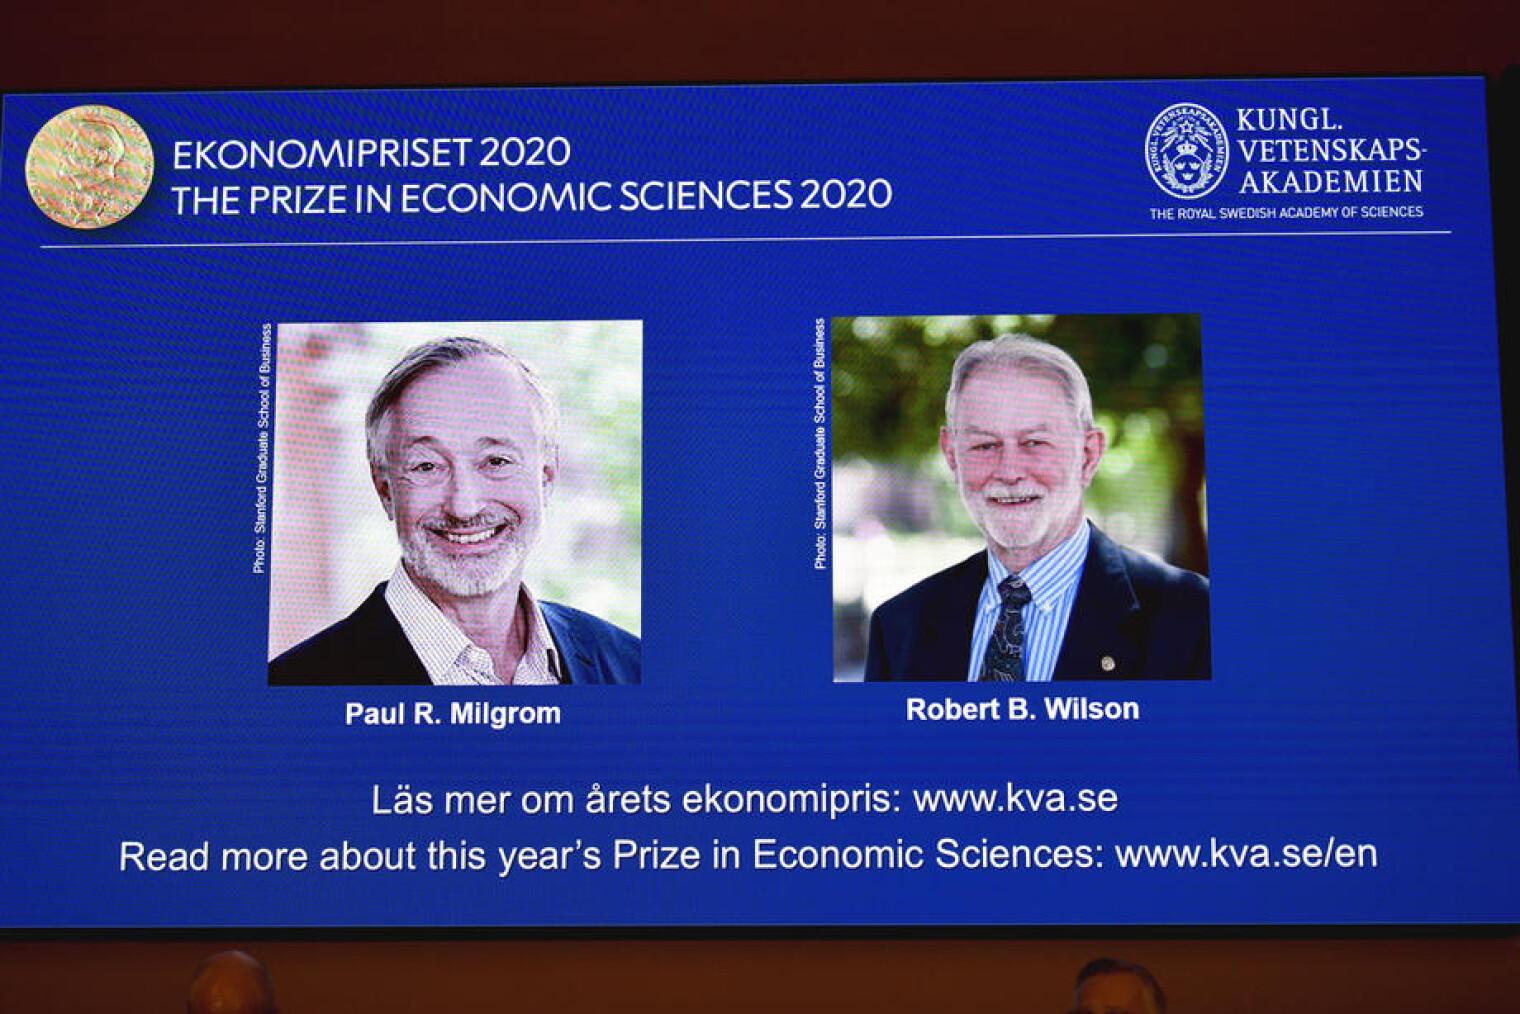 Лауреаты Нобелевской премии по экономике Пол Р. Милгром и Роберт Б. Уилсон